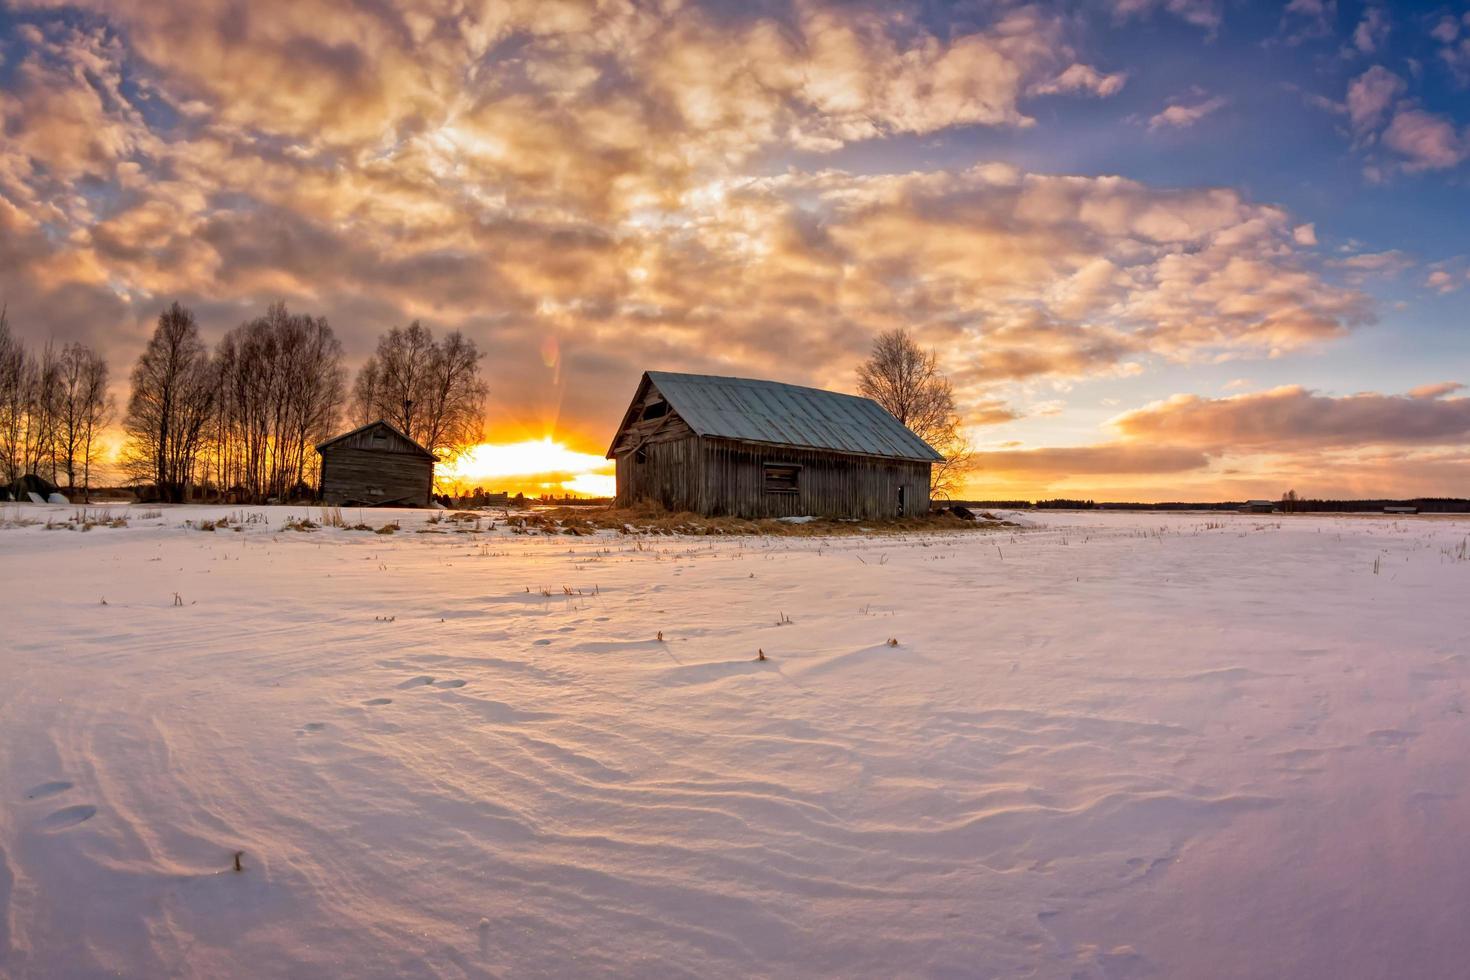 Holzhaus bei Sonnenuntergang foto